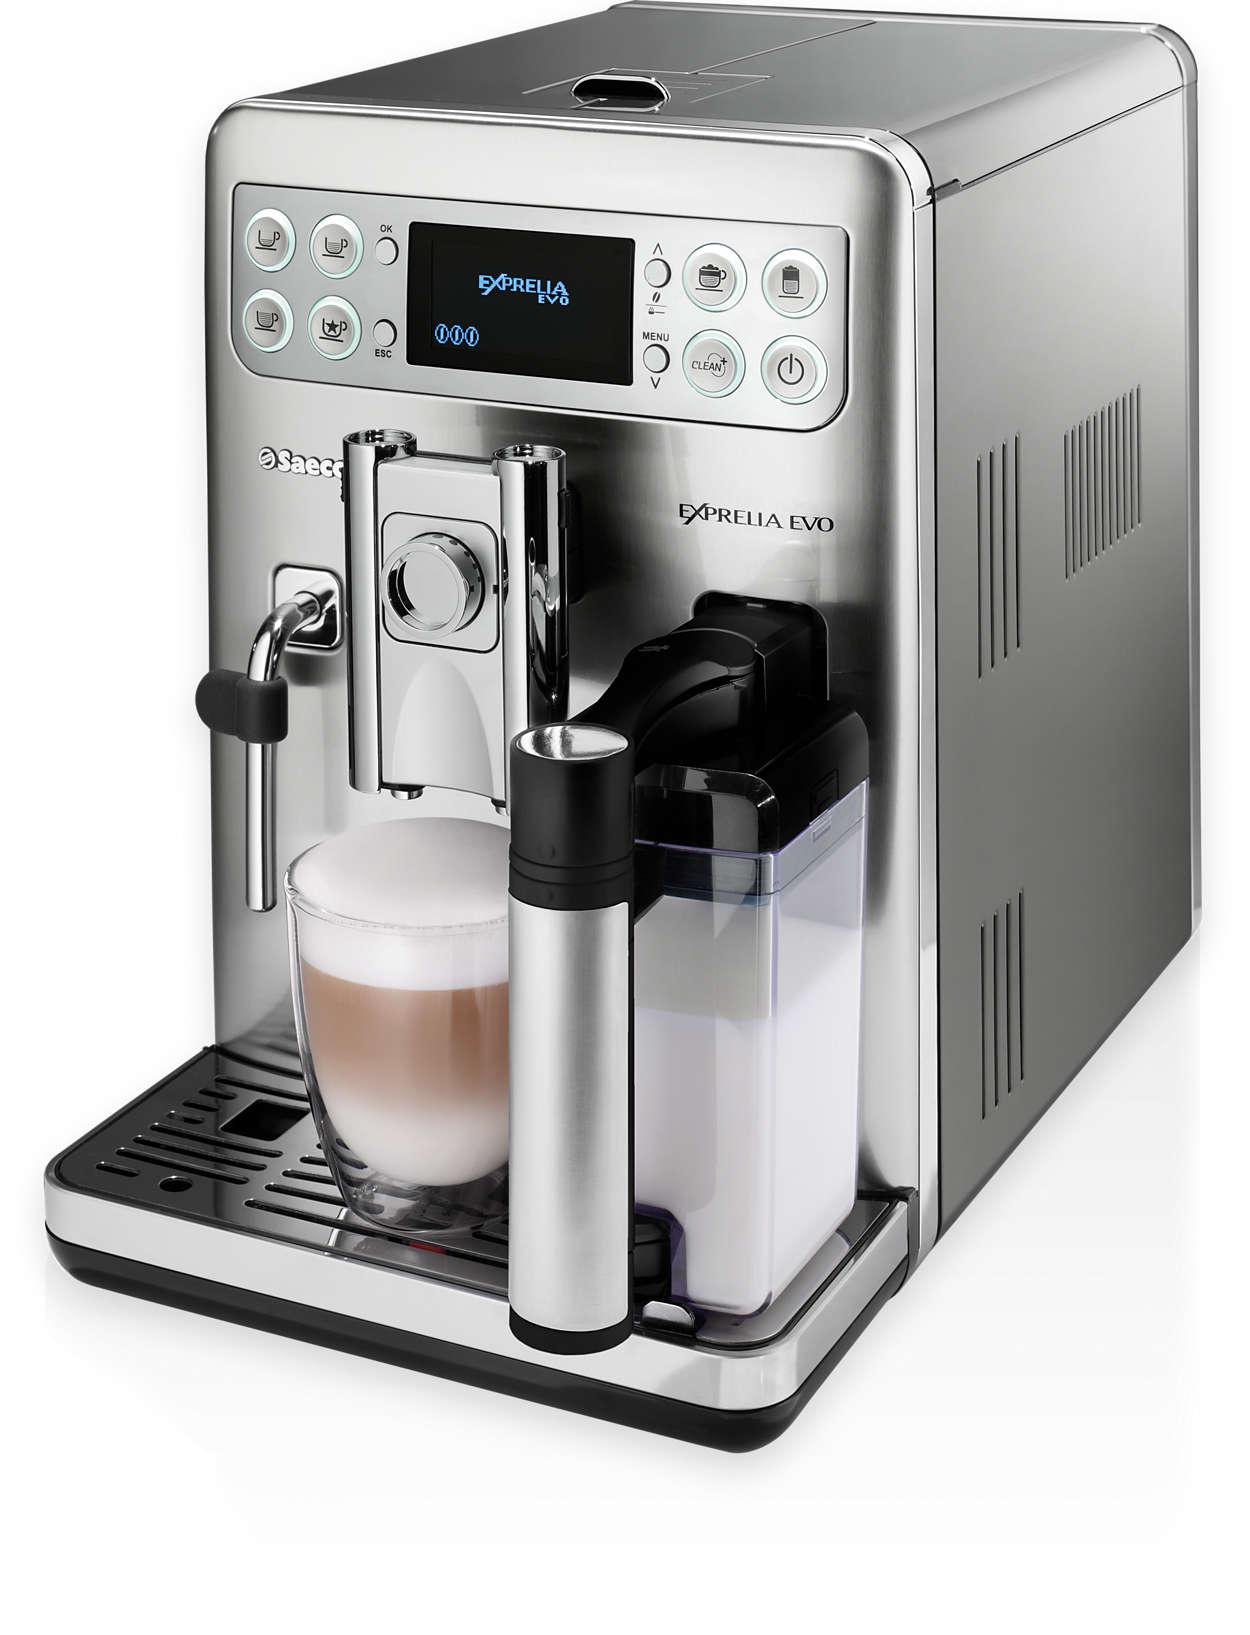 exprelia evo super automatic espresso machine hd8857 47. Black Bedroom Furniture Sets. Home Design Ideas